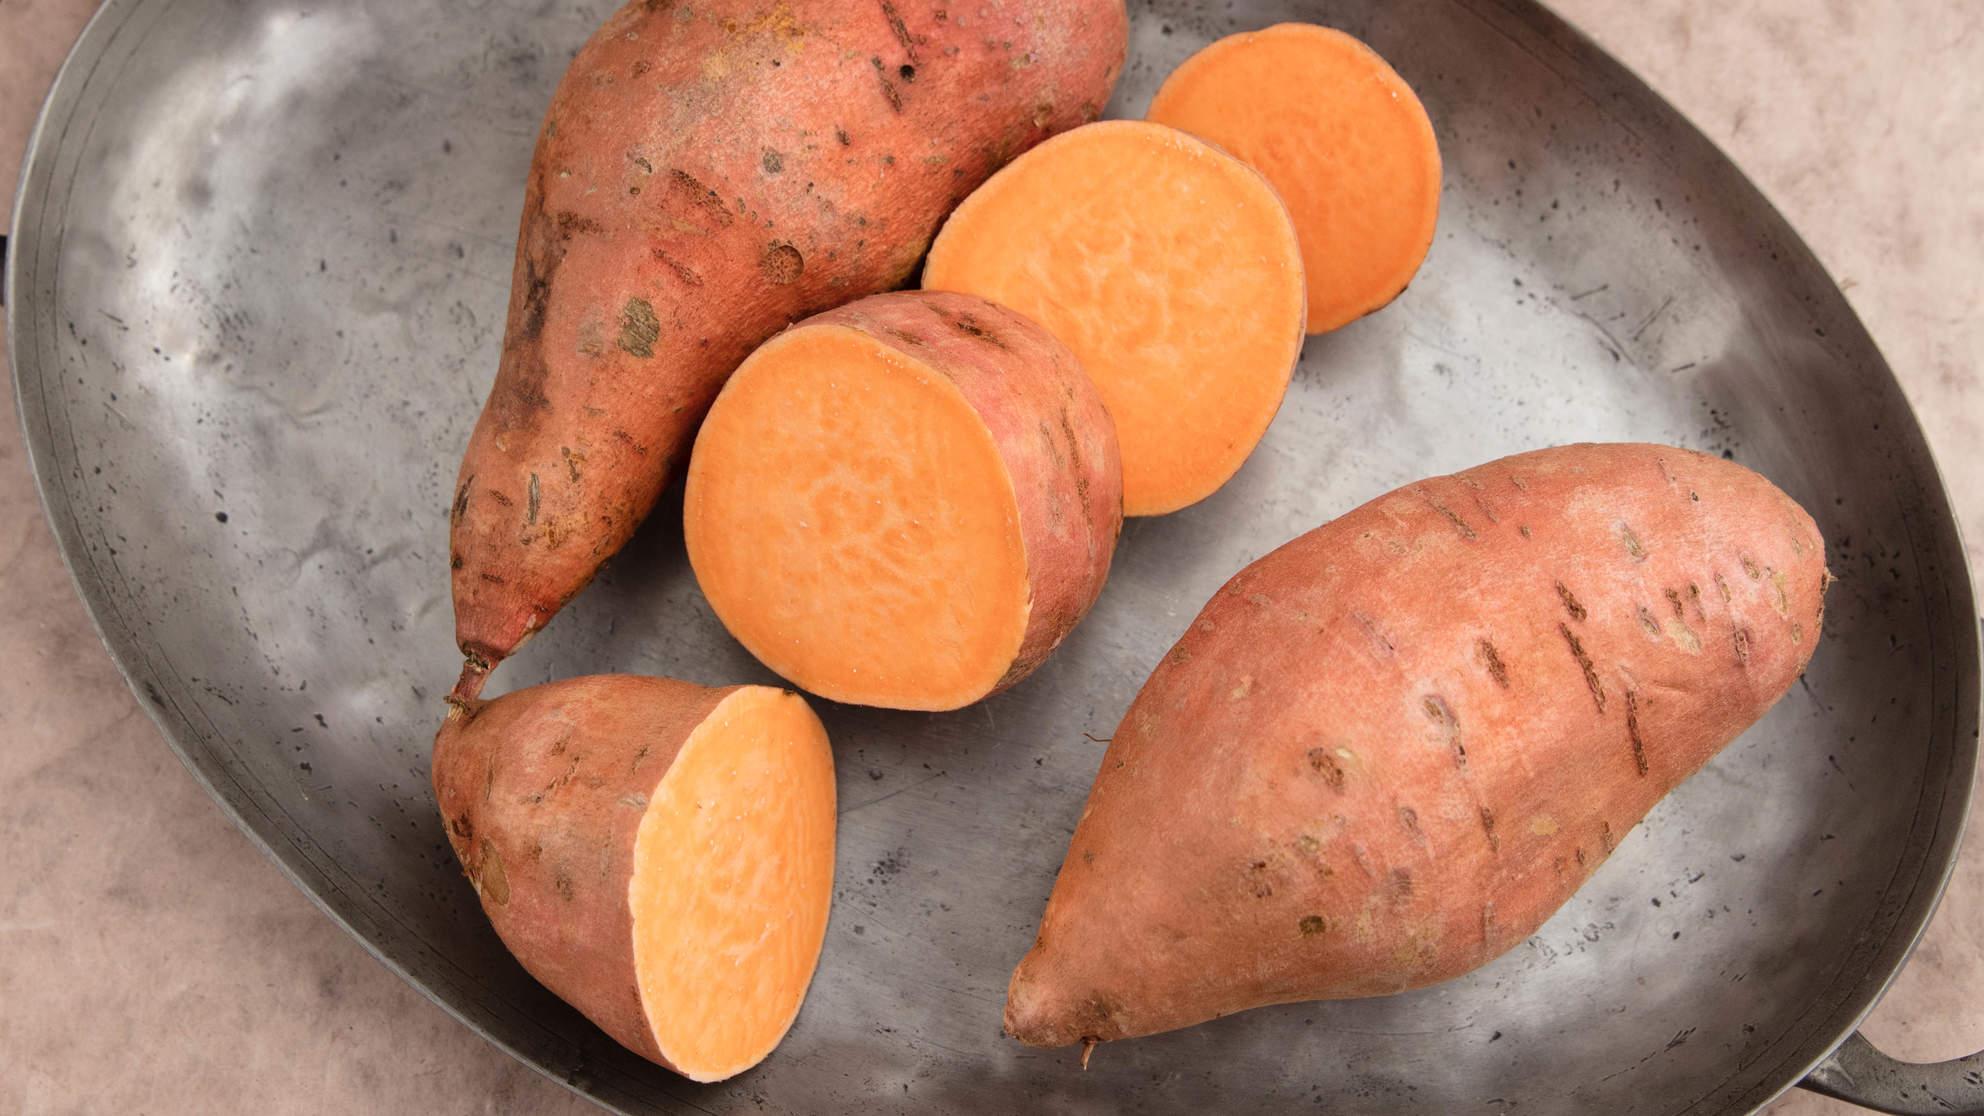 中醫認為,中午過後,人體的腸胃代謝功能就會慢慢變弱,若吃番薯,恐怕會損害身體。網圖